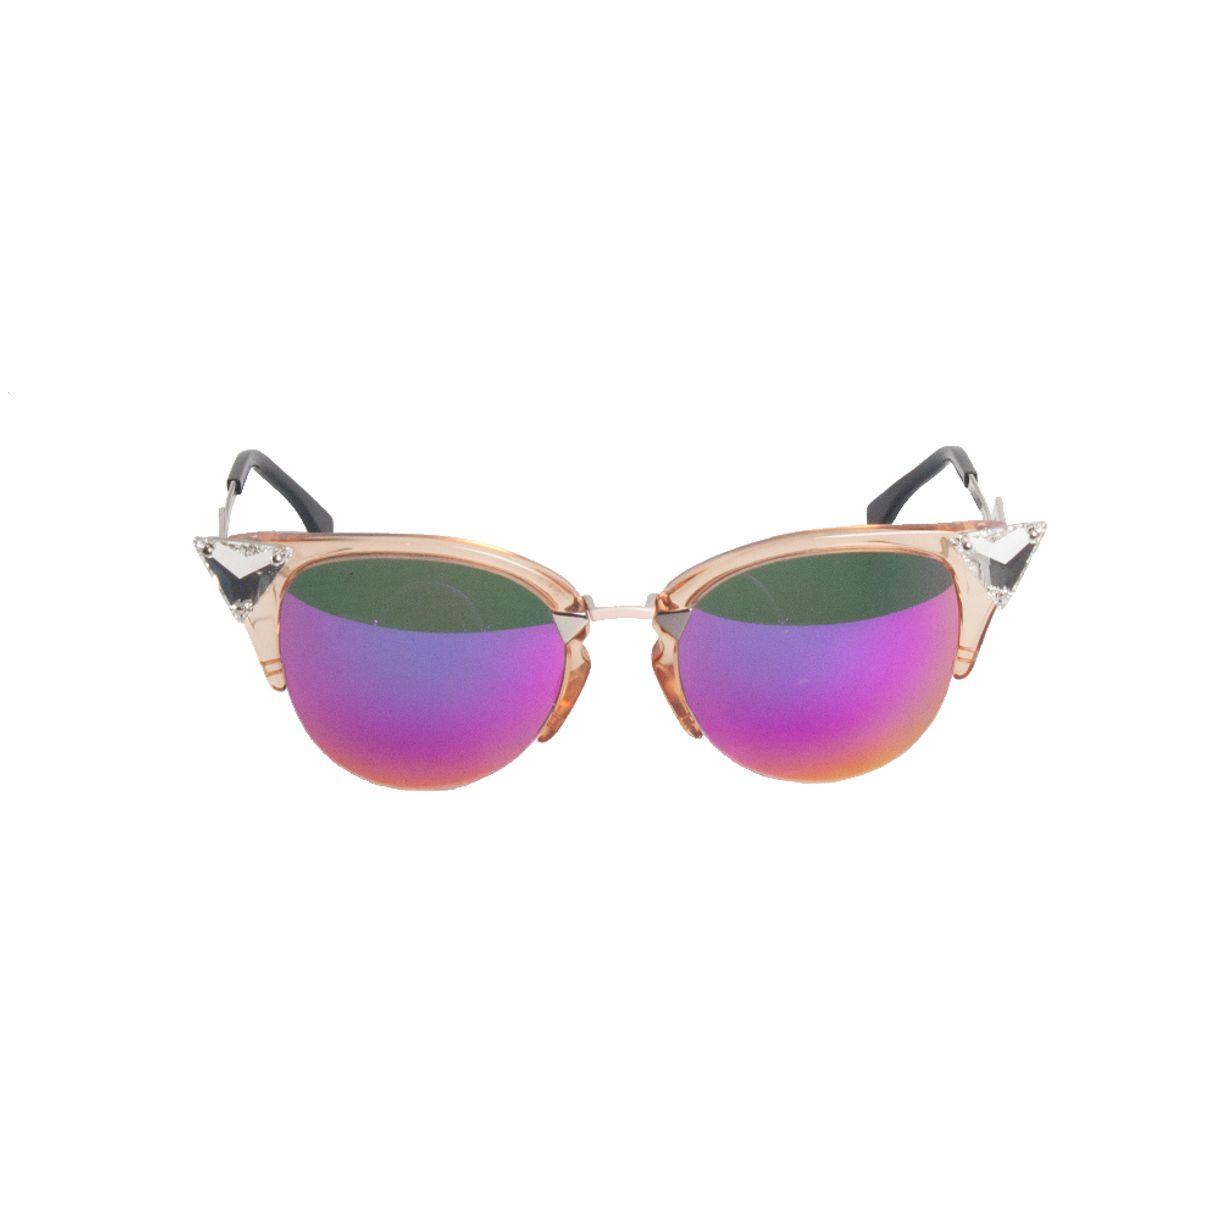 Oculos-Fendi-Iridia-Espelhado-Cat-Eye-com-Cristais